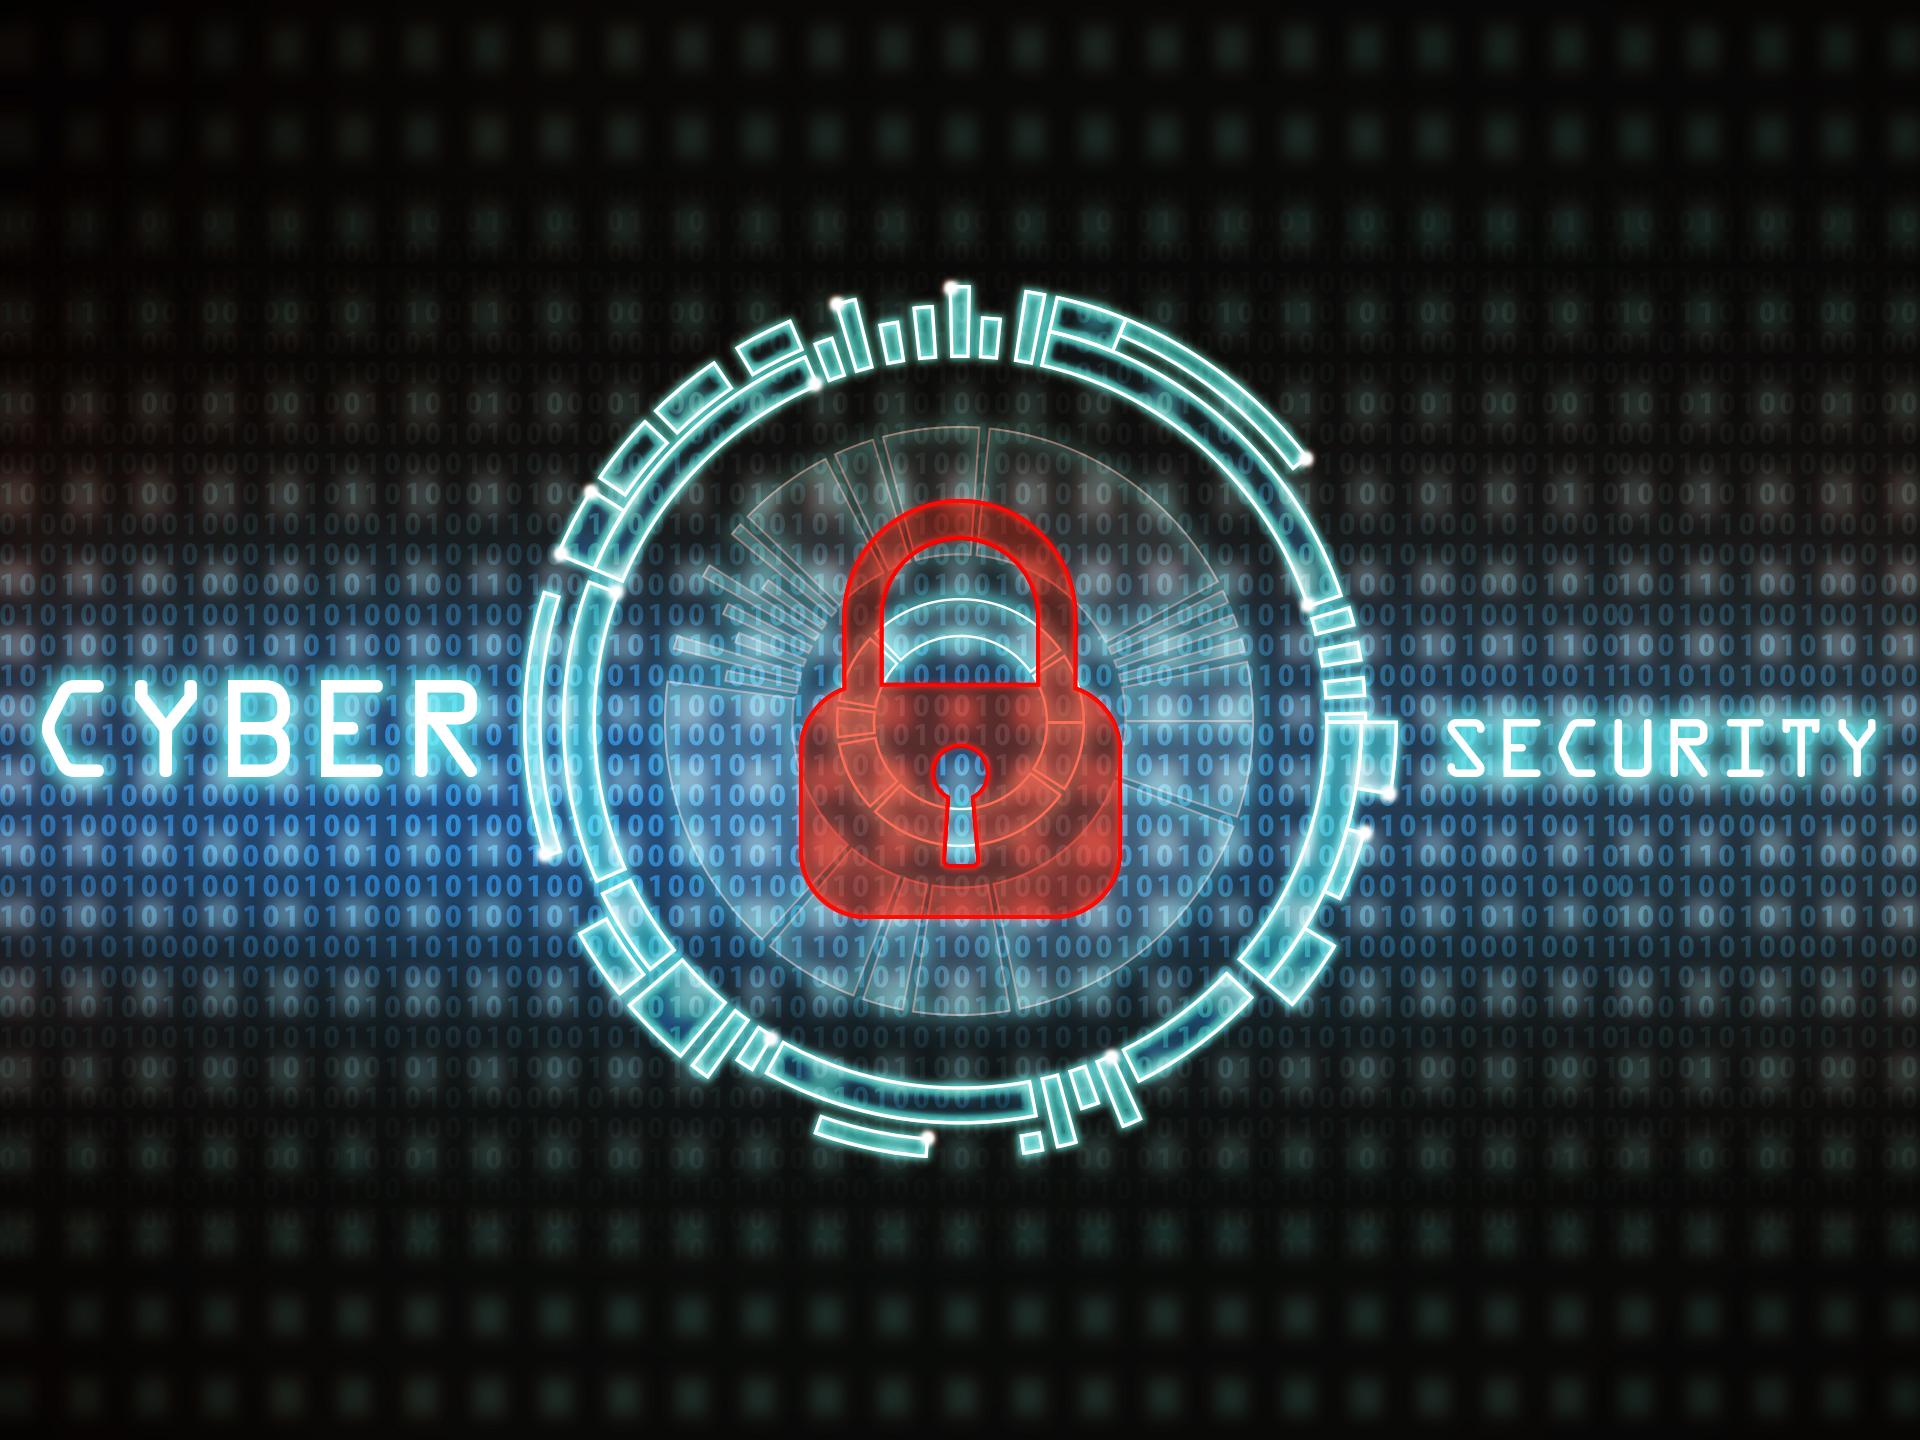 Brusel potřebuje zajistit bezpečnou komunikaci mezi skupinami  pro reakce na počítačové bezpečnostní incidenty